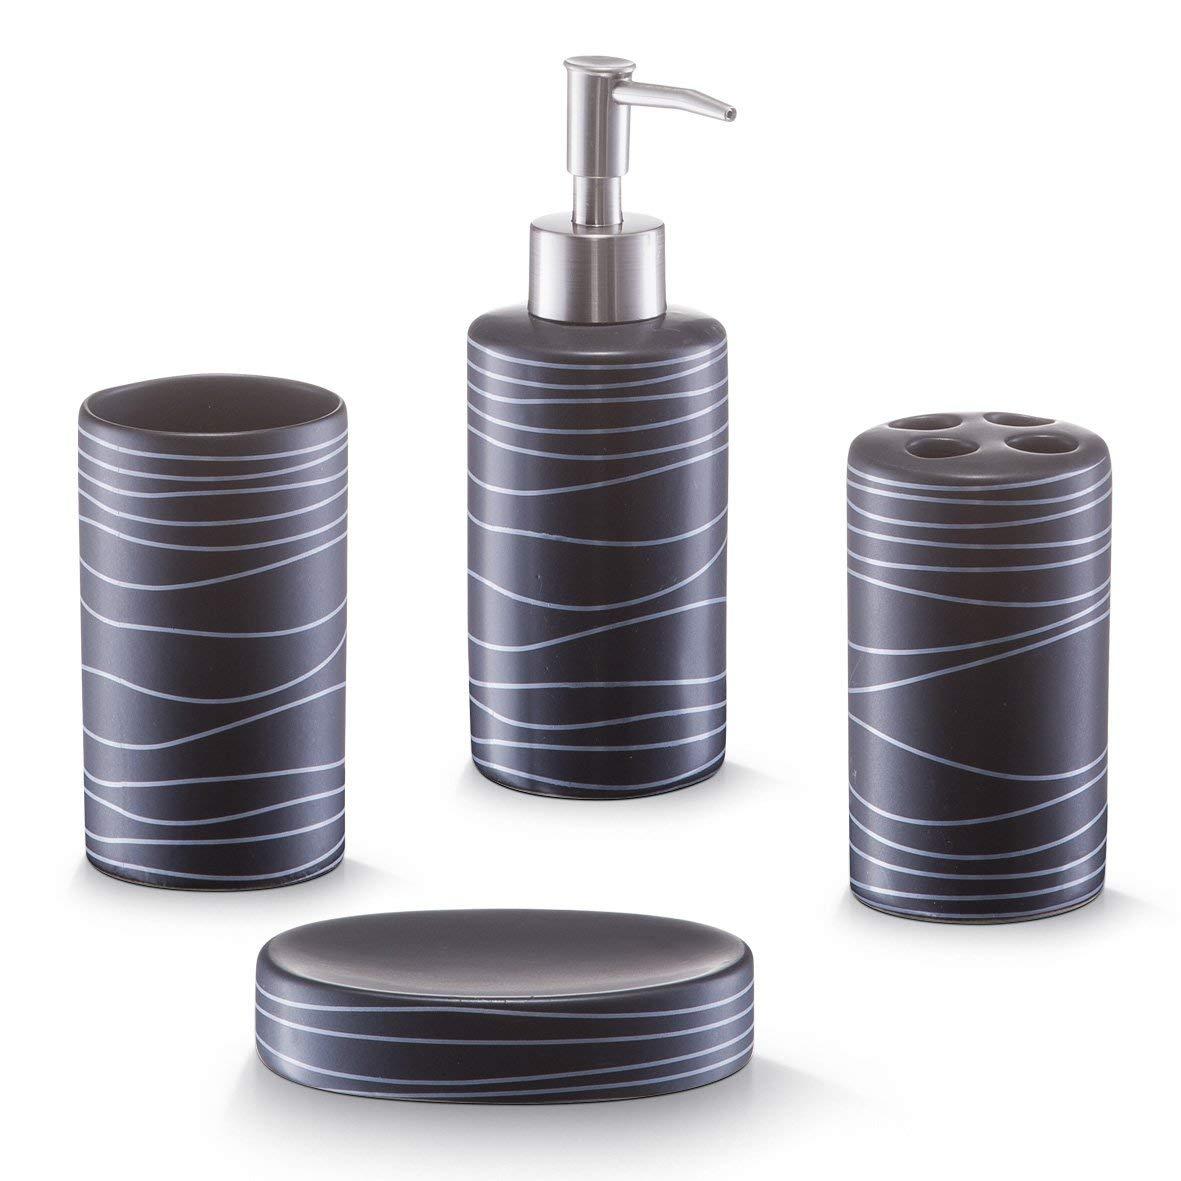 Zeller 18252 Set di Accessori per Bagno, Ceramica, Nero, 22x21.5x7 cm, 4 unità 4 unità